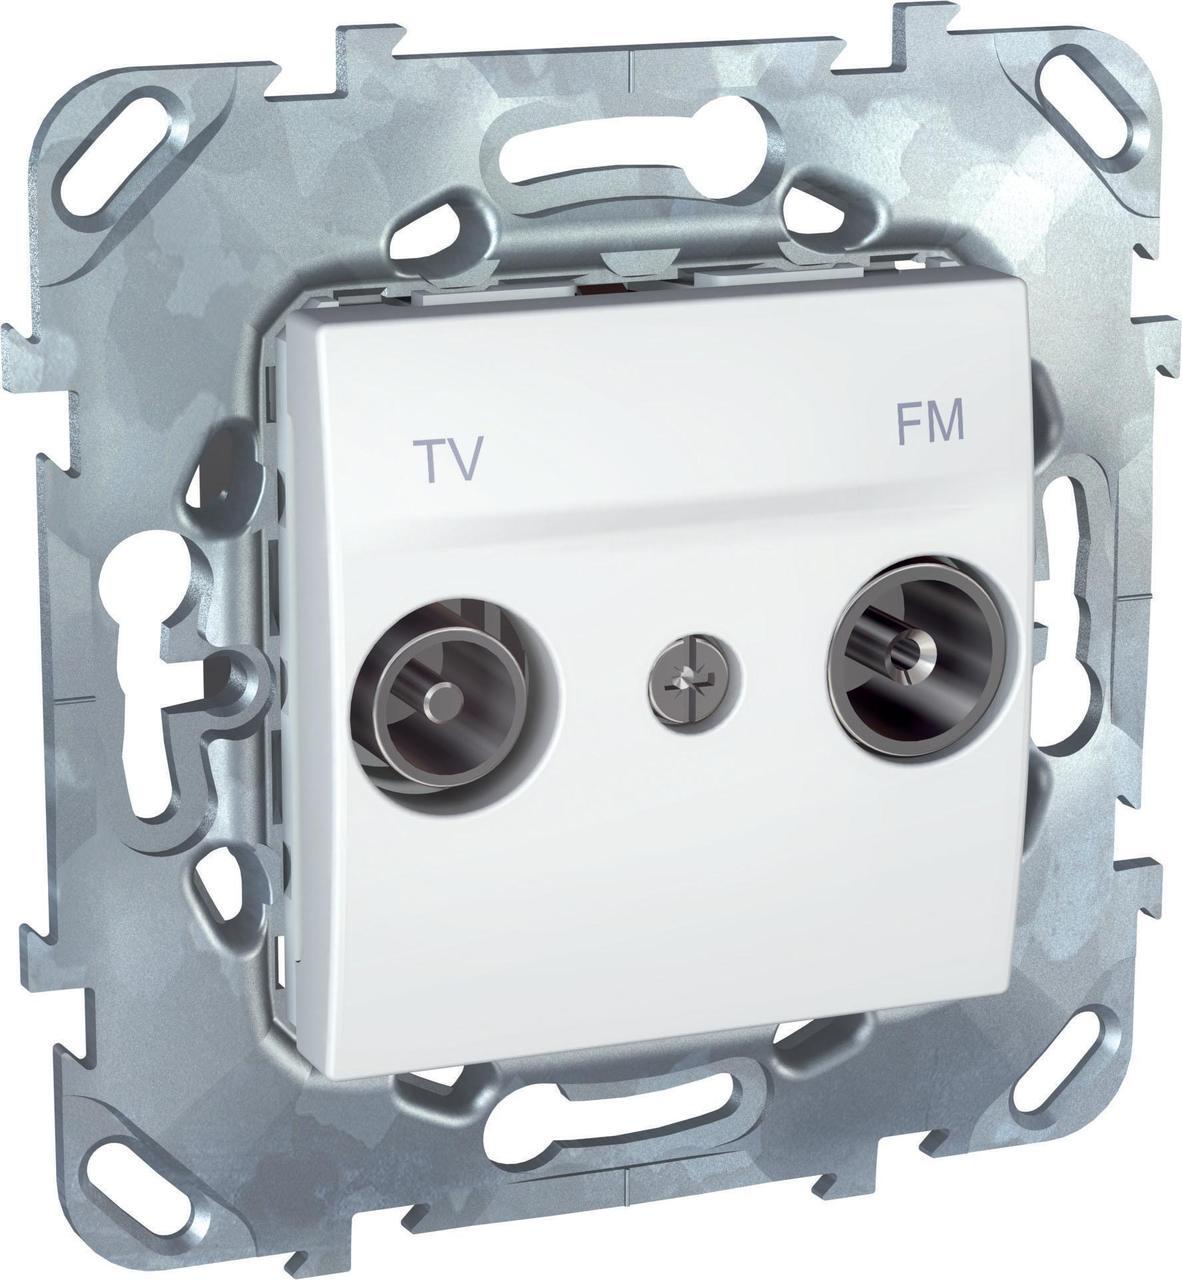 Розетка телевизионная единственная ТV-FМ , Белый, серия Unica, Schneider Electric